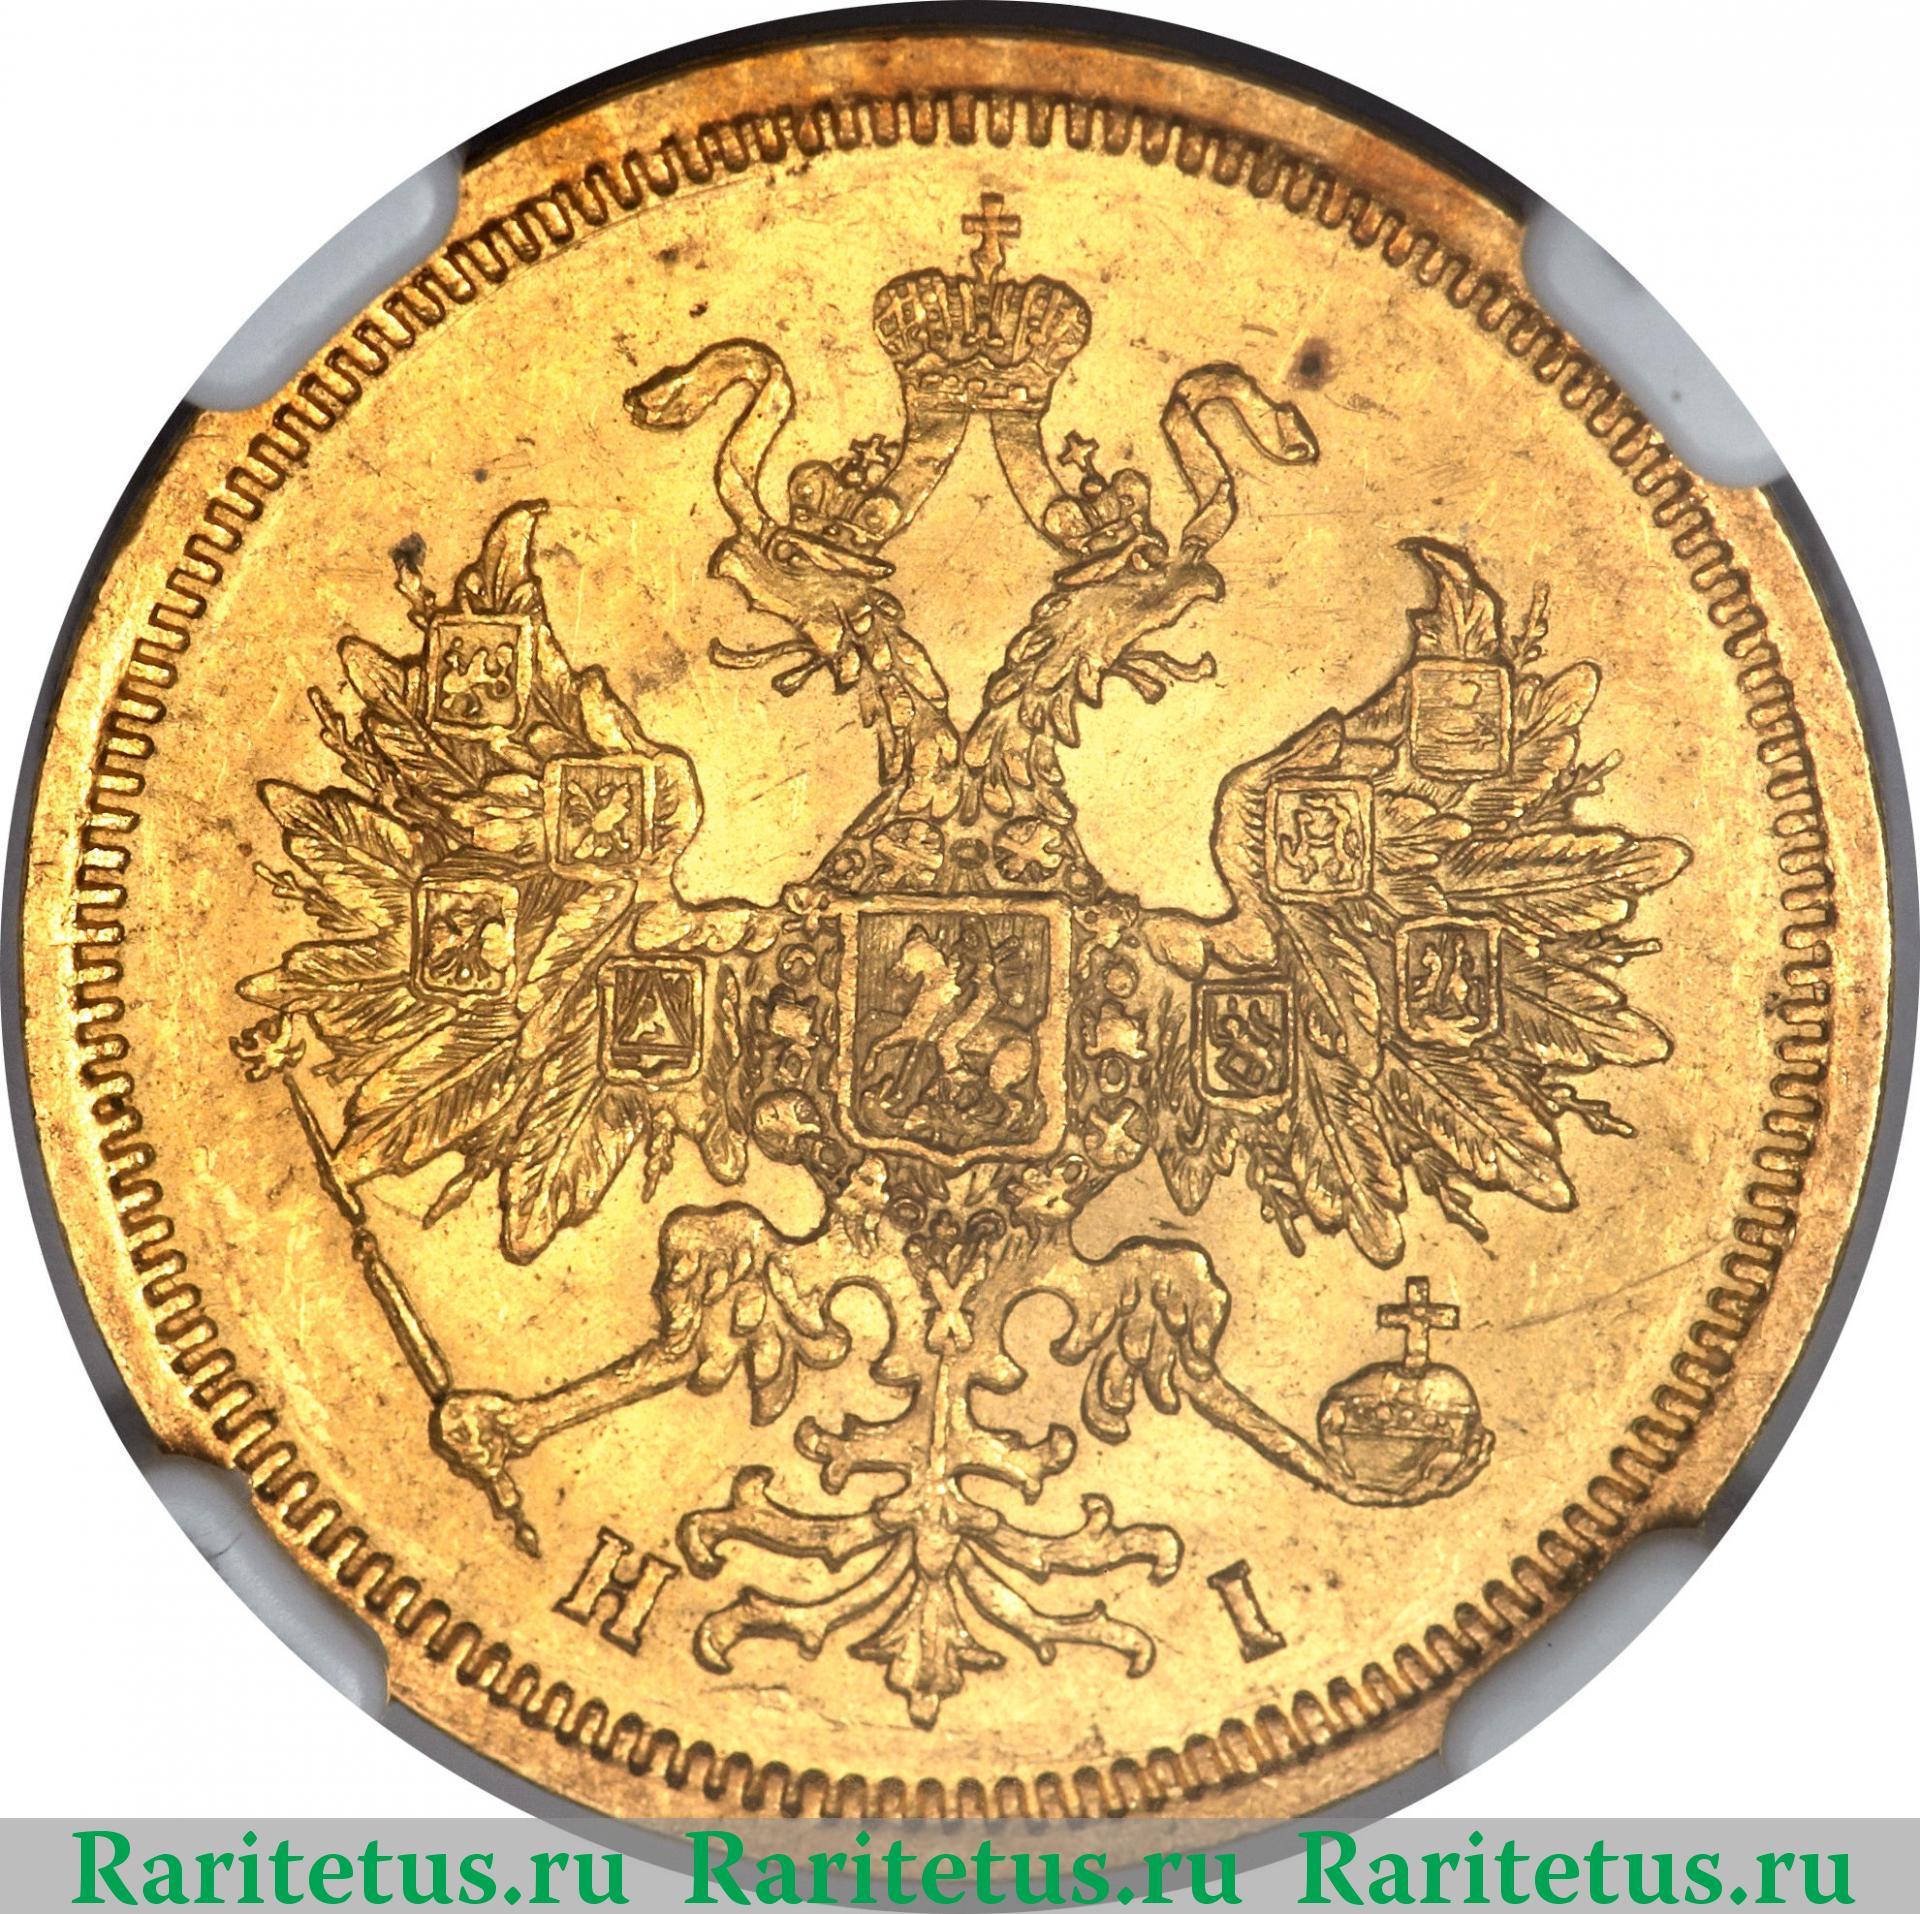 Аверс монеты 5 рублей 1869 года СПБ-НІ